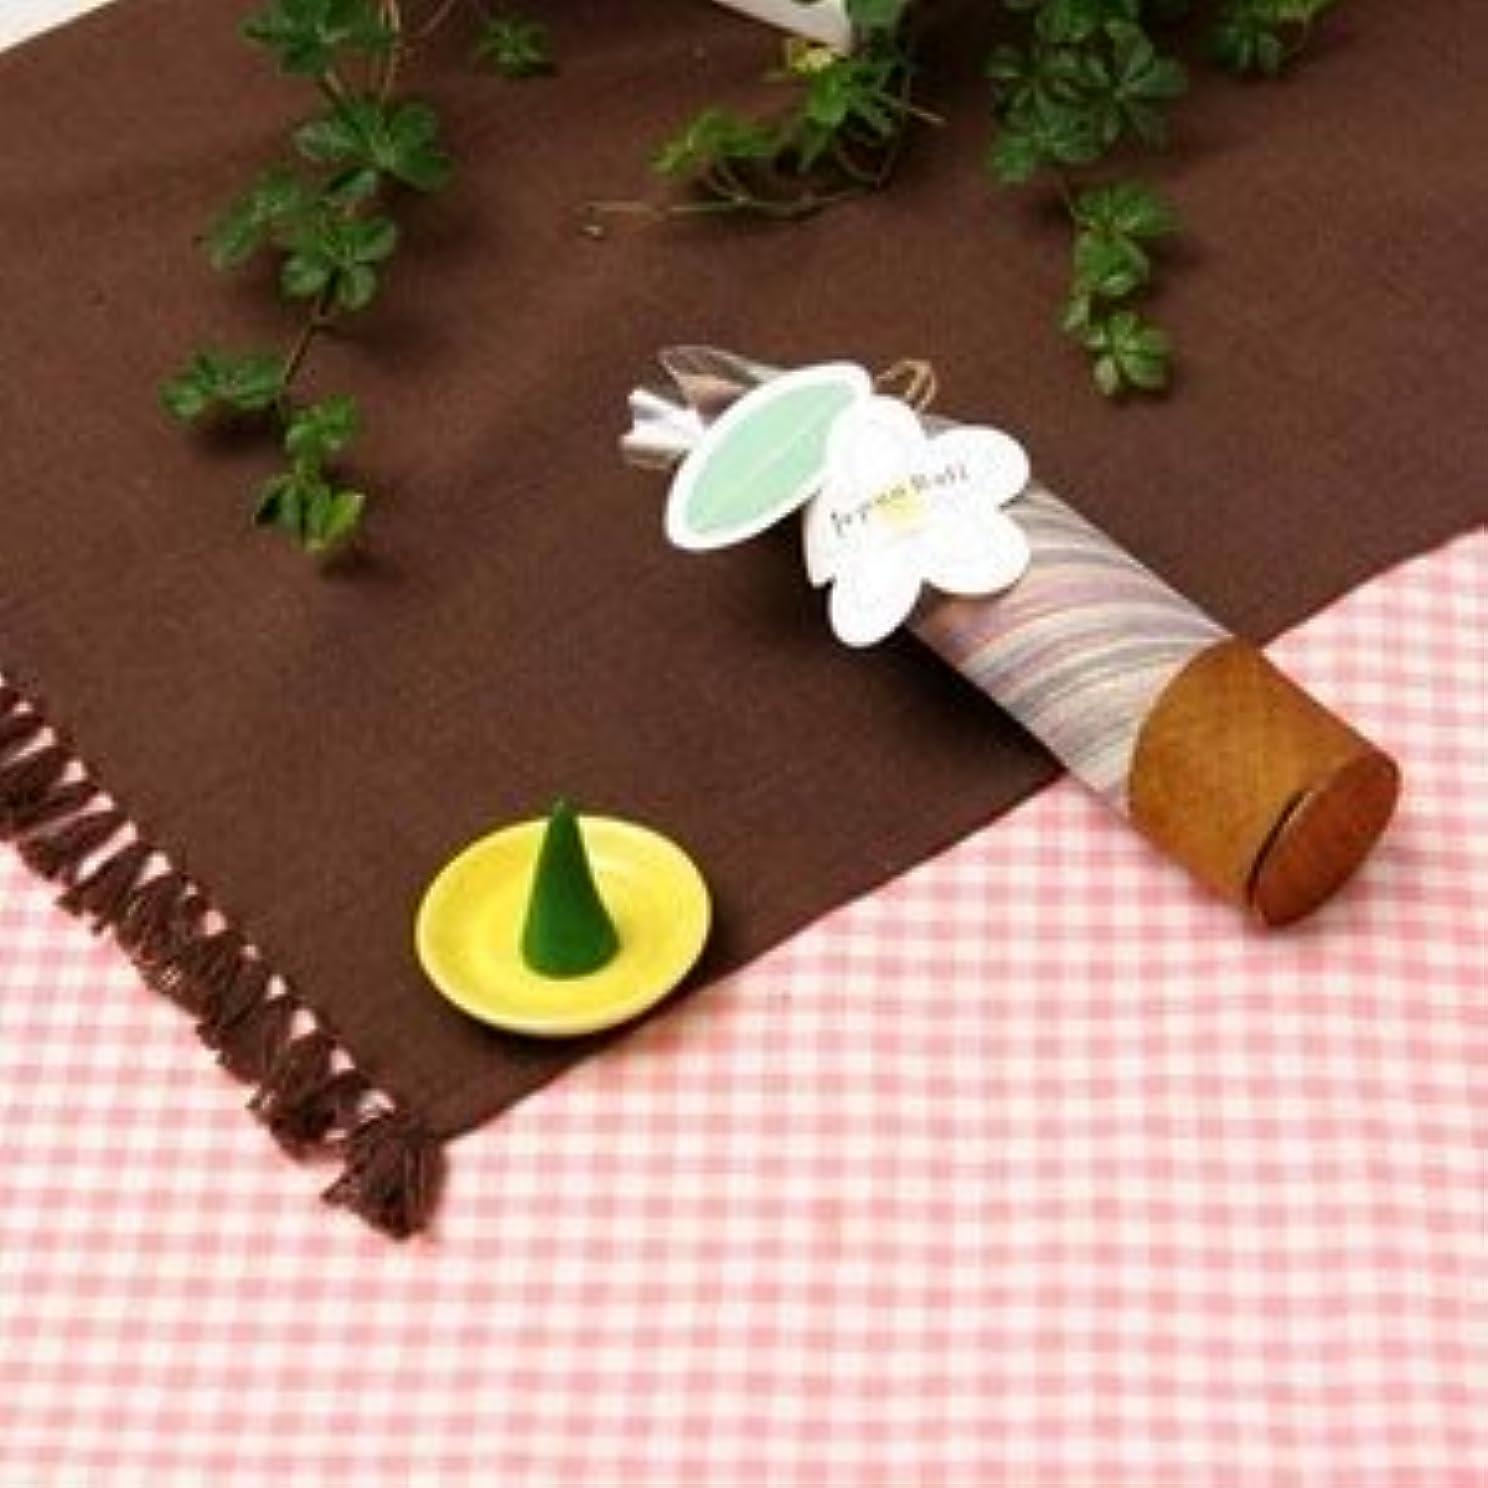 作り上げるむさぼり食う教育者Jupen Bari(ジュプン バリ) ロータス(太古の昔から現代に息づく永遠の花)